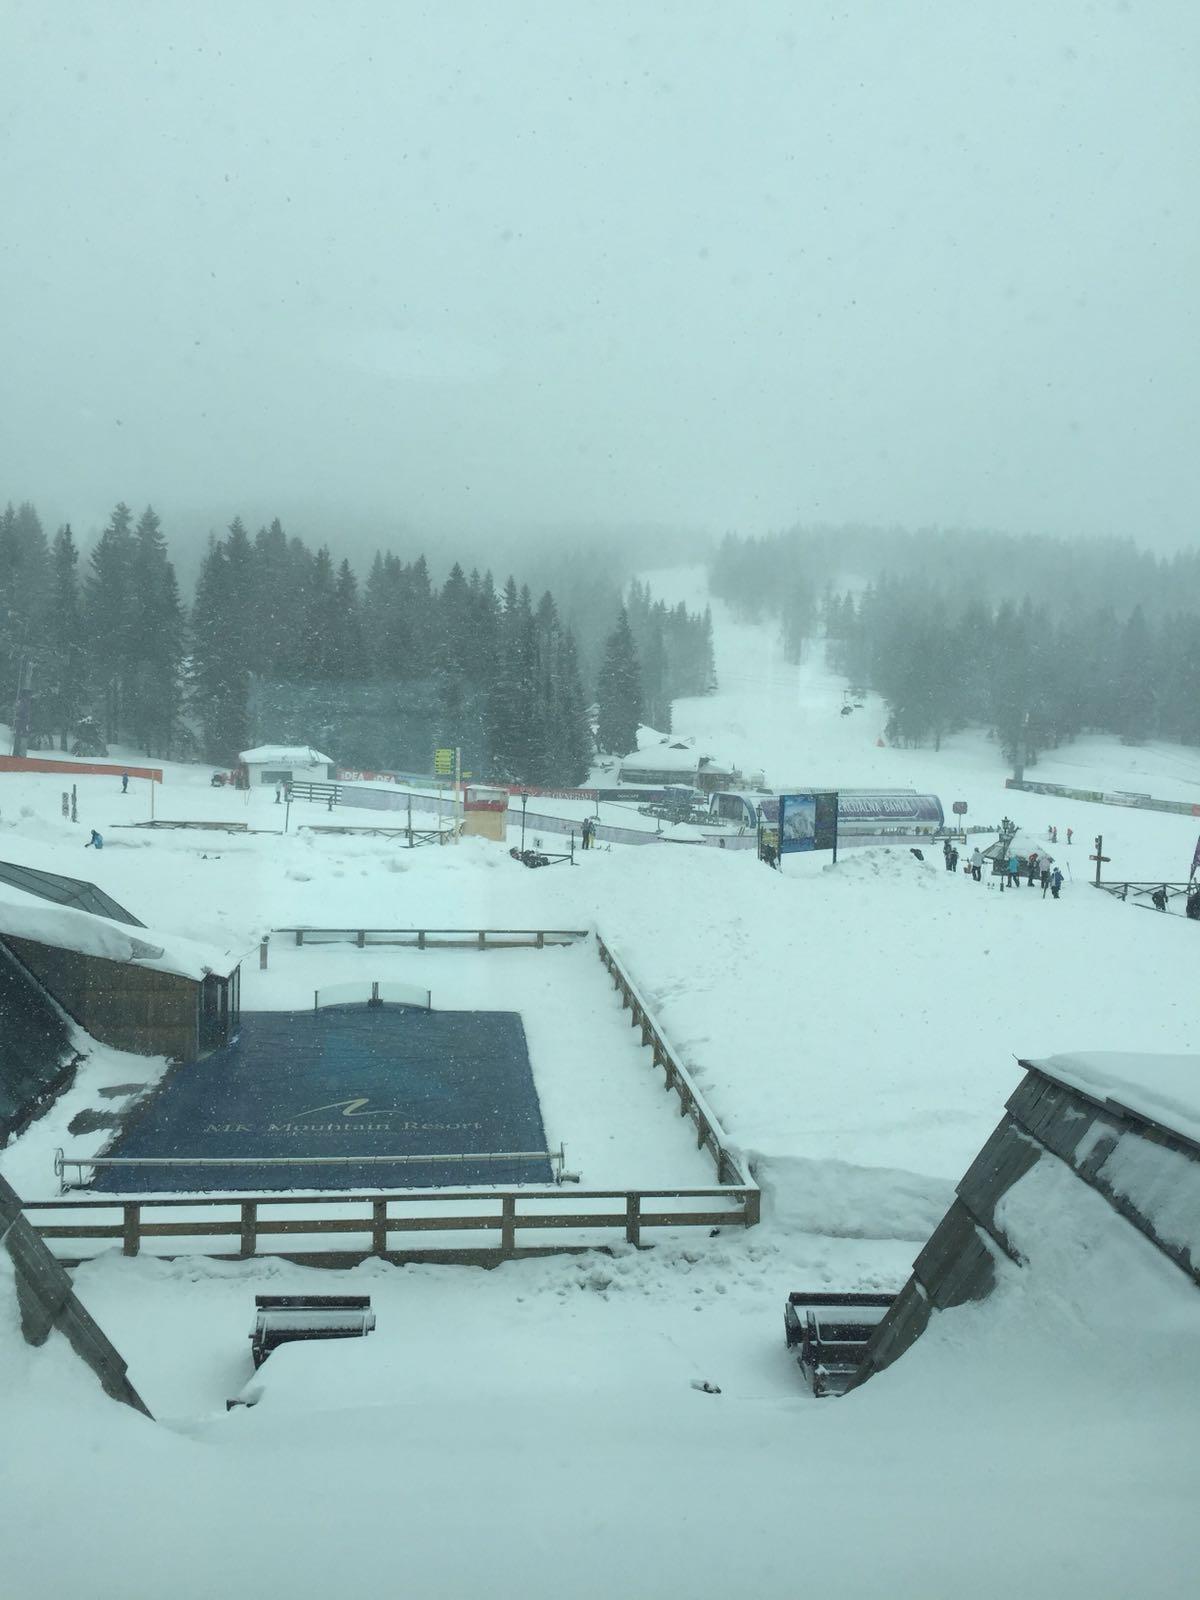 grand hotel ski $ spa kapaounik